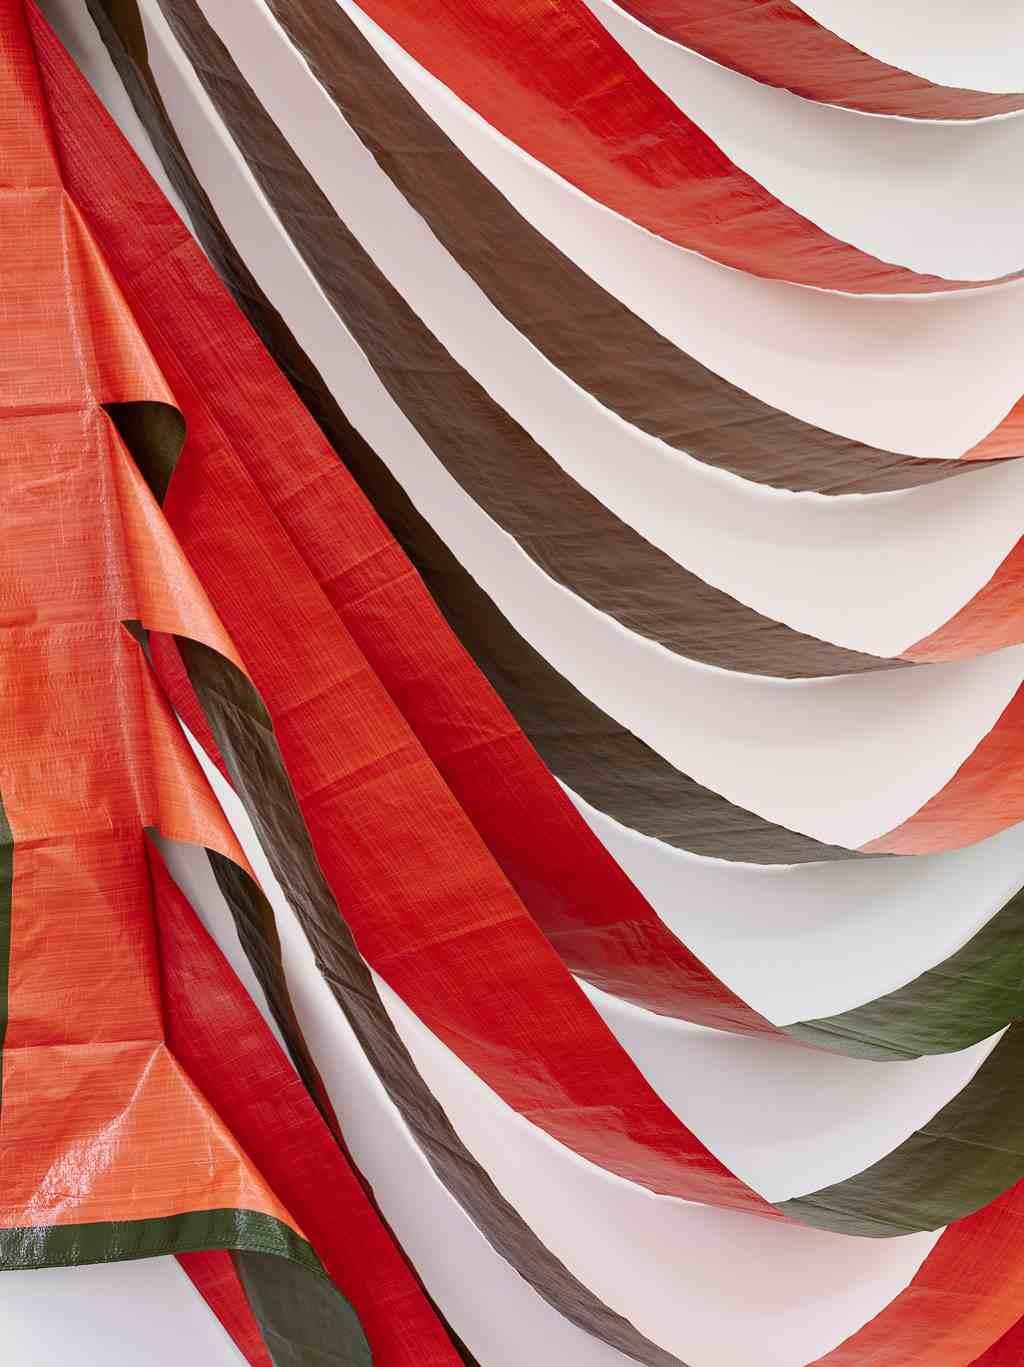 Ausstellungsansicht #allerbesteaussichten im Kunstraum Alexander Bürkle, Freiburg. Detail Astrid Schindler, Ohne Titel, 2014, Gewebeplane Orange-Grün, ca. 400 x 430 cm. Foto: Bernhard Strauss, Freiburg. #KultTrip